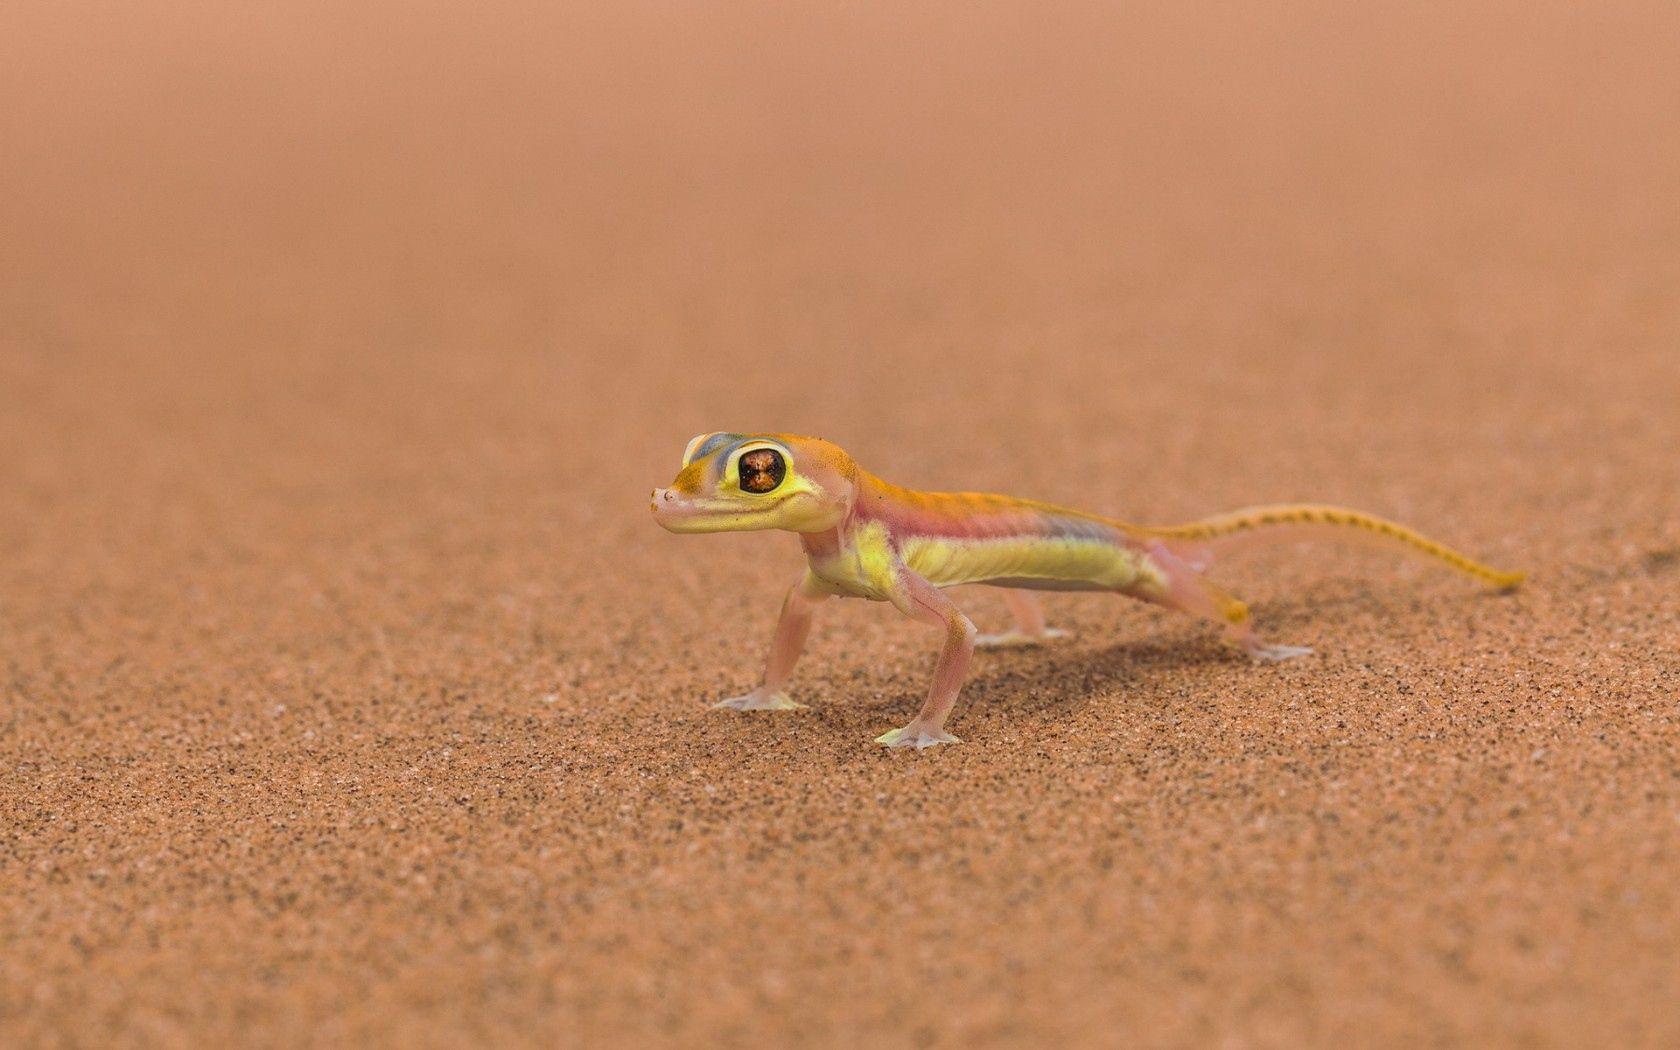 100109 Hintergrundbild herunterladen Tiere, Hintergrund, Eidechse, Mars - Bildschirmschoner und Bilder kostenlos